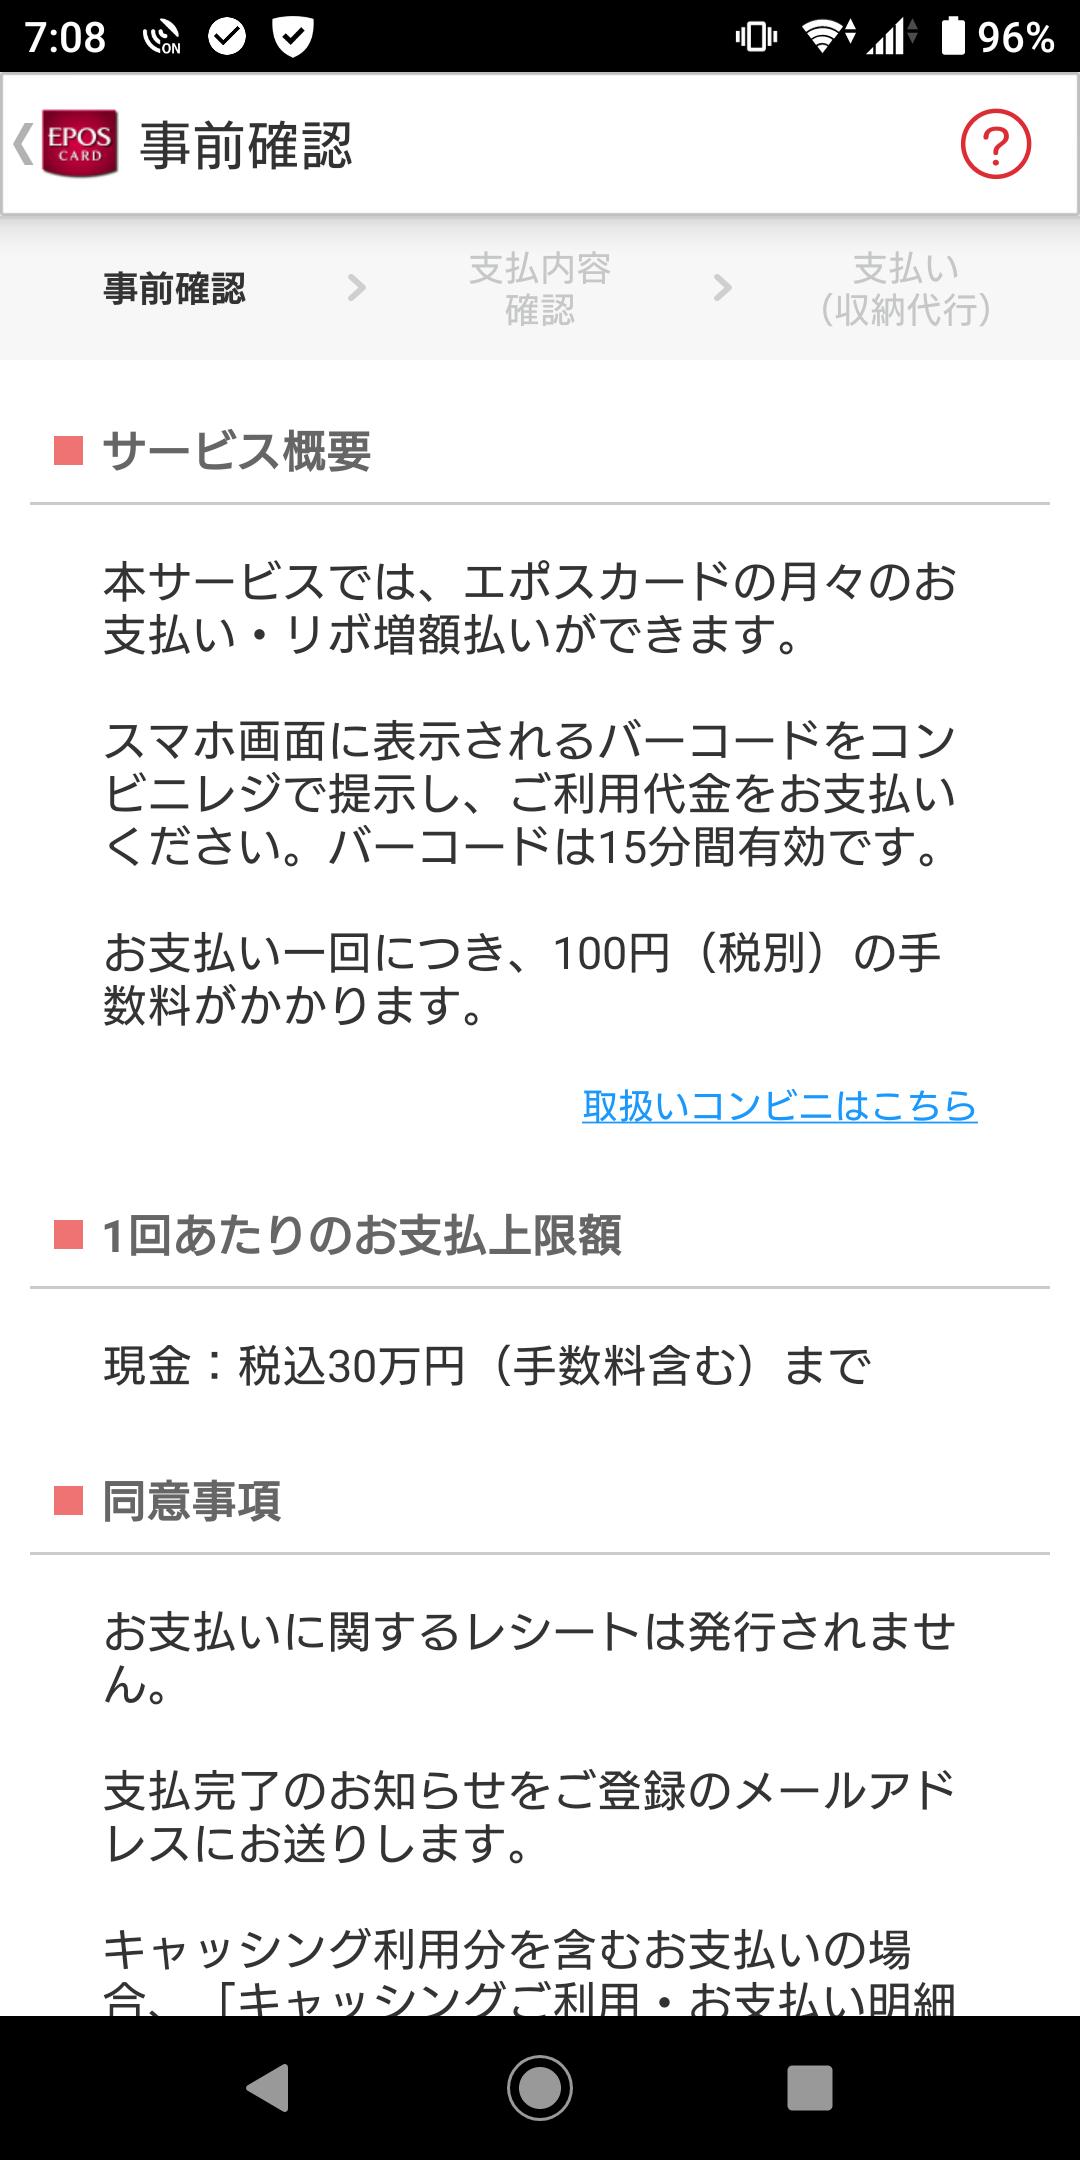 エポスアプリでの支払い2